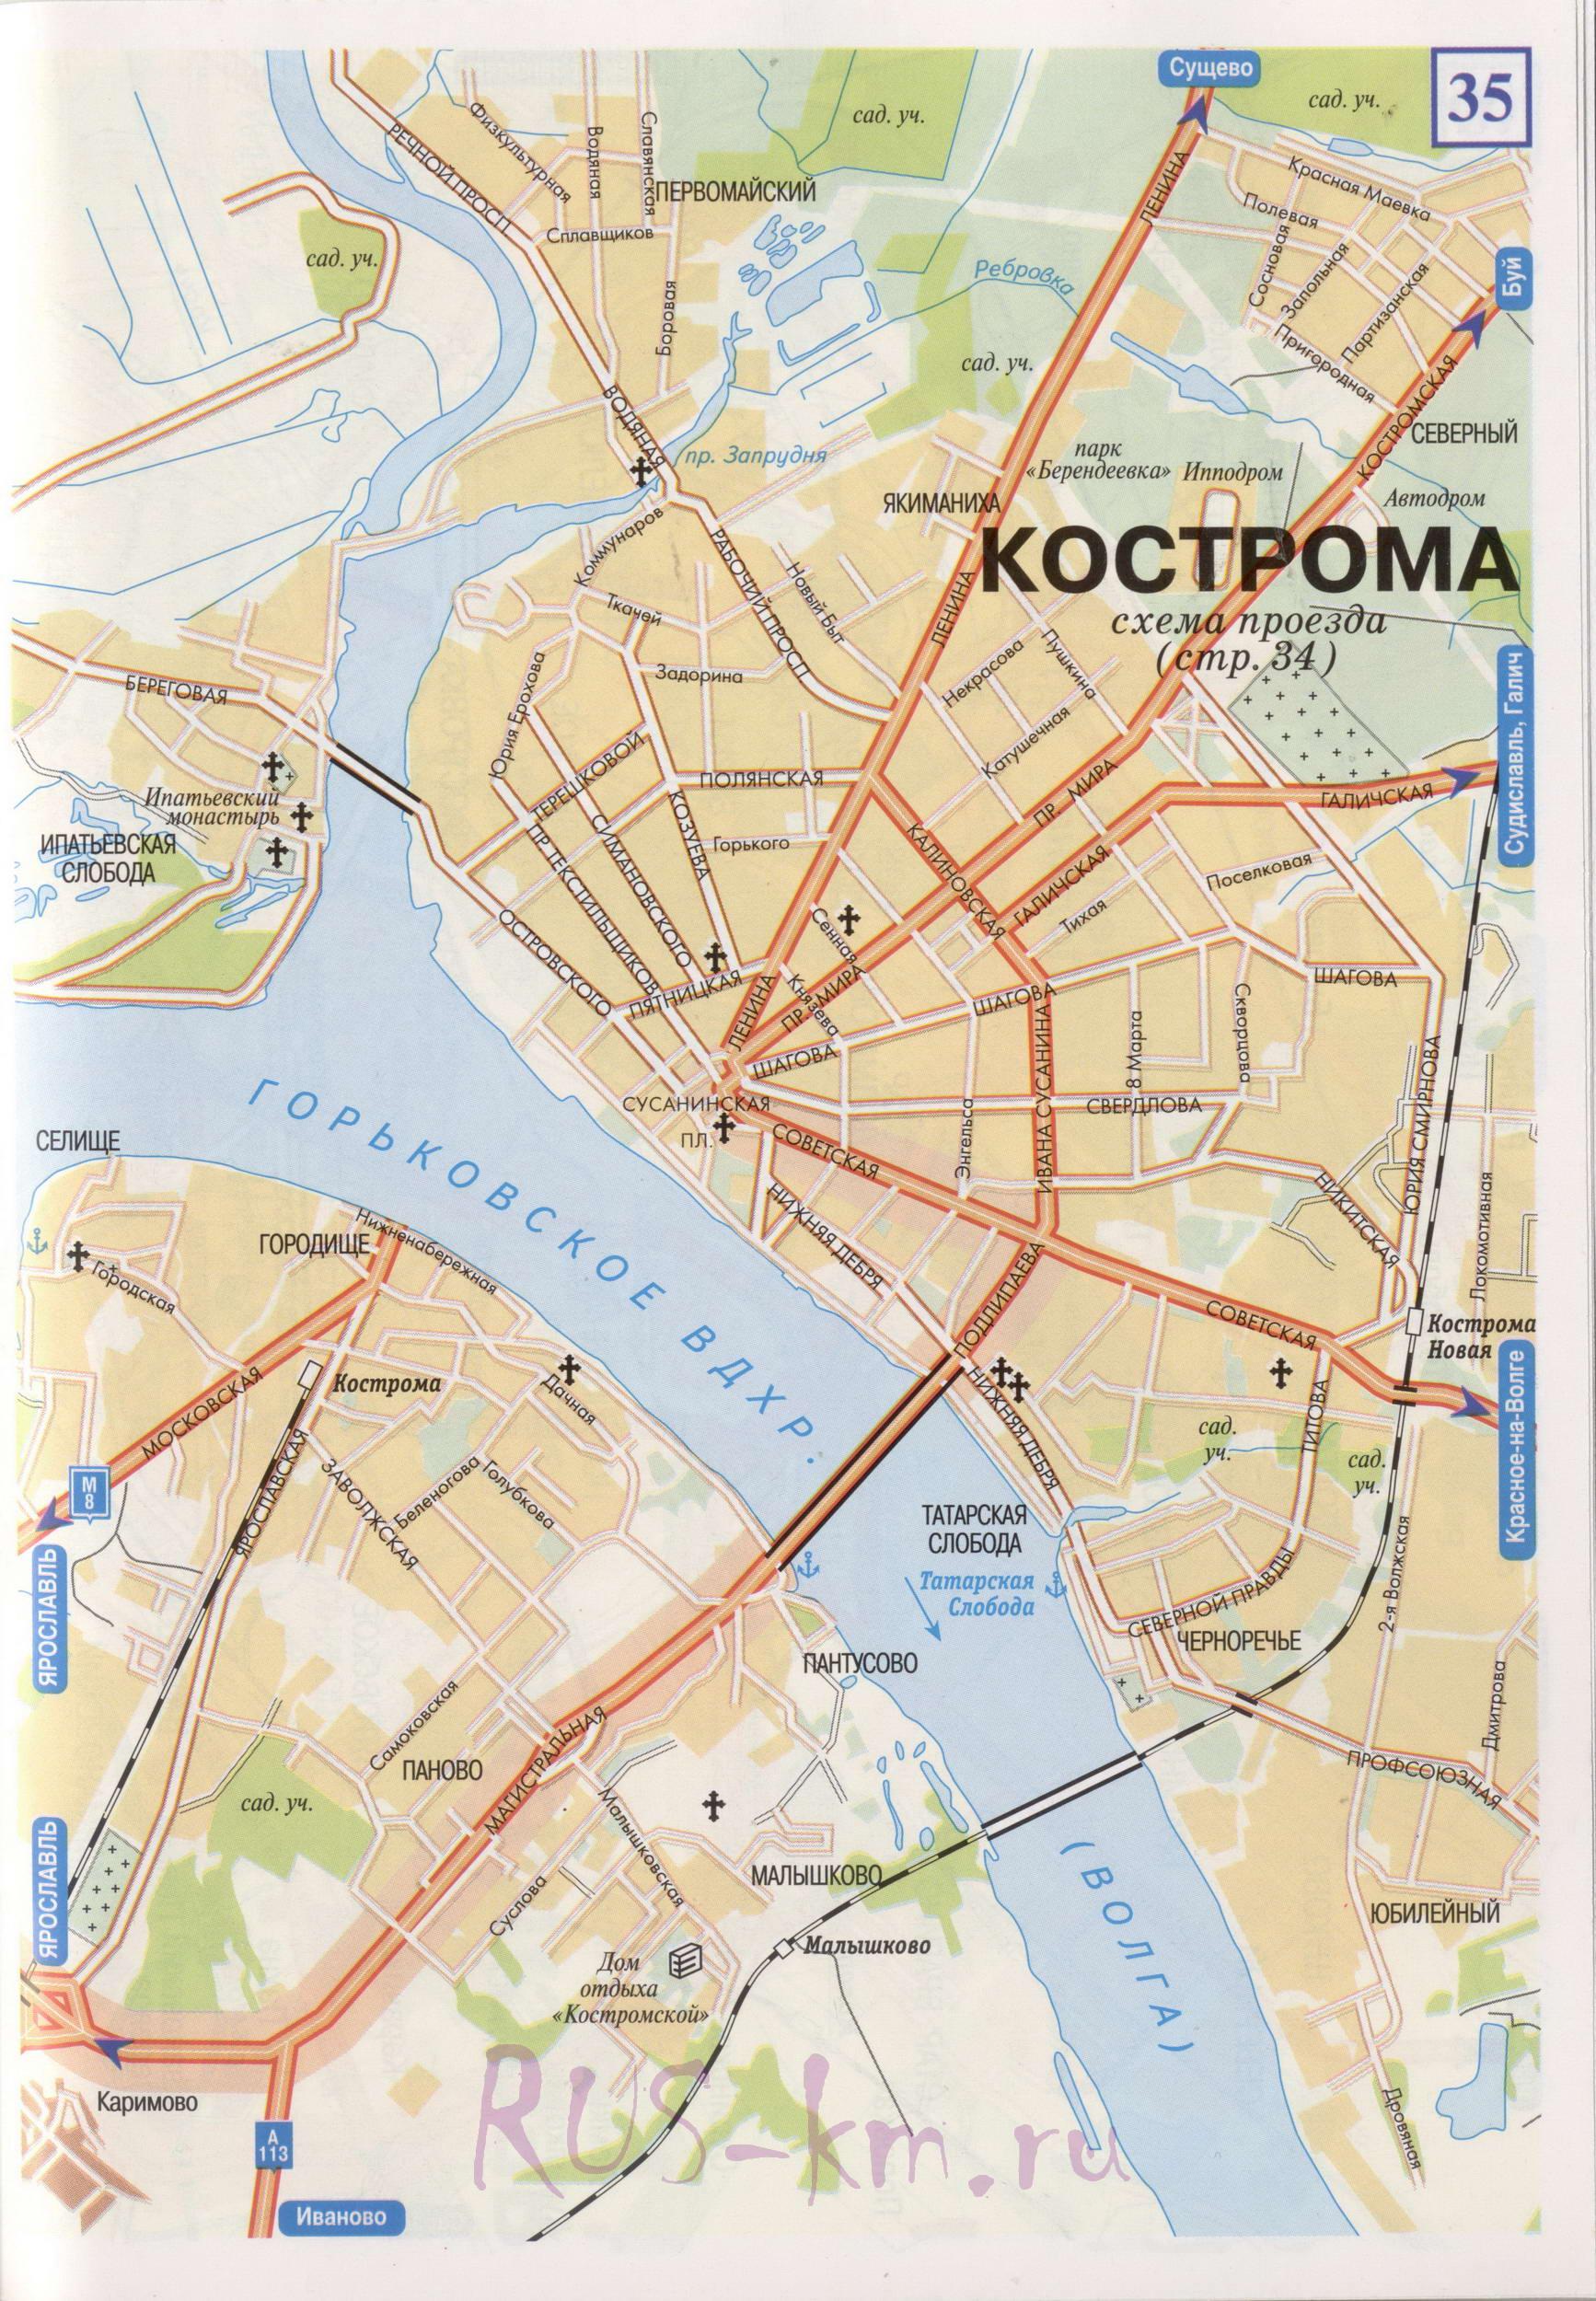 Карта Костромы автомобильная.  Карта улиц города Кострома со схемой проезда и достопримечательностями.